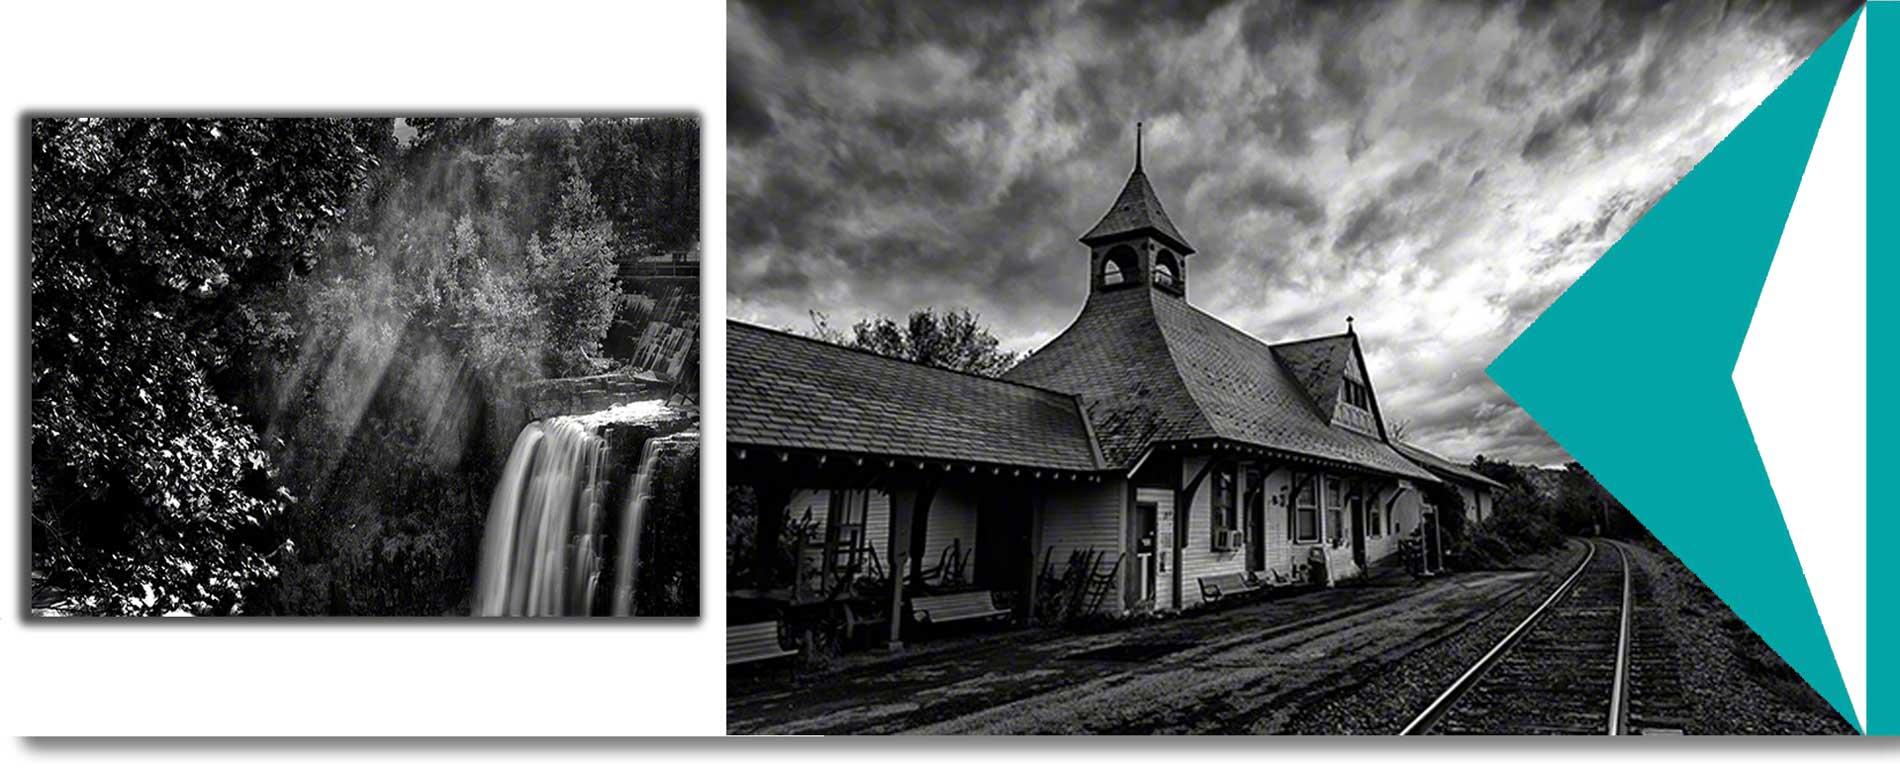 Stunning Black and Whites 15 - ویژگی عکس های سیاه و سفید کدامند و چگونه میتوان به آنها دست یافت ؟